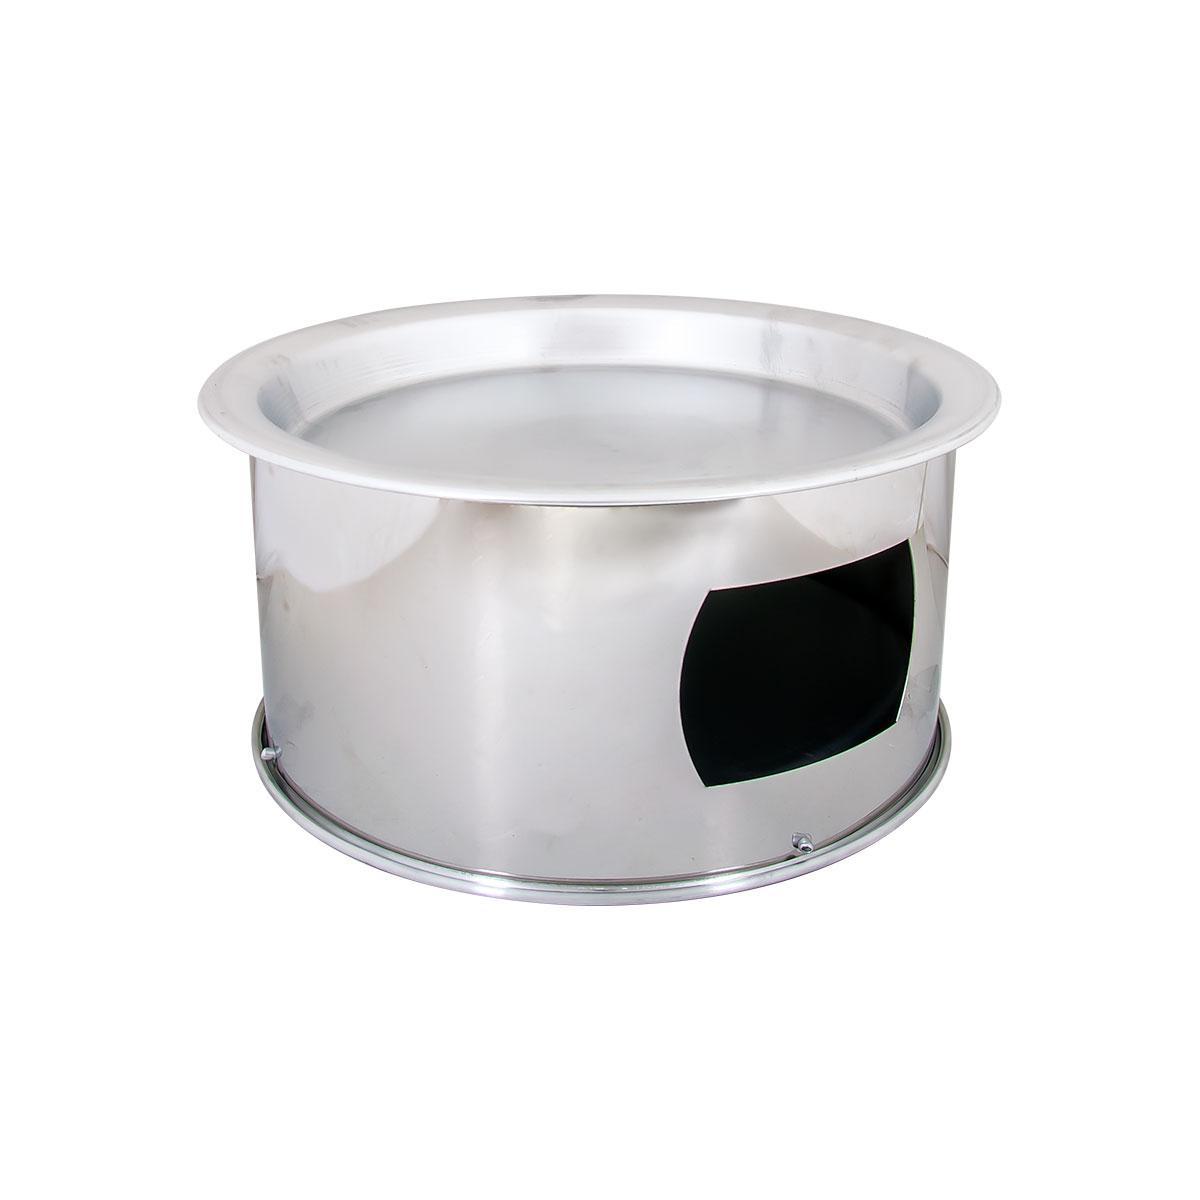 سخان كنافة استيل مقاس 32 سم  لون فضي رقم CC-57+CO-86